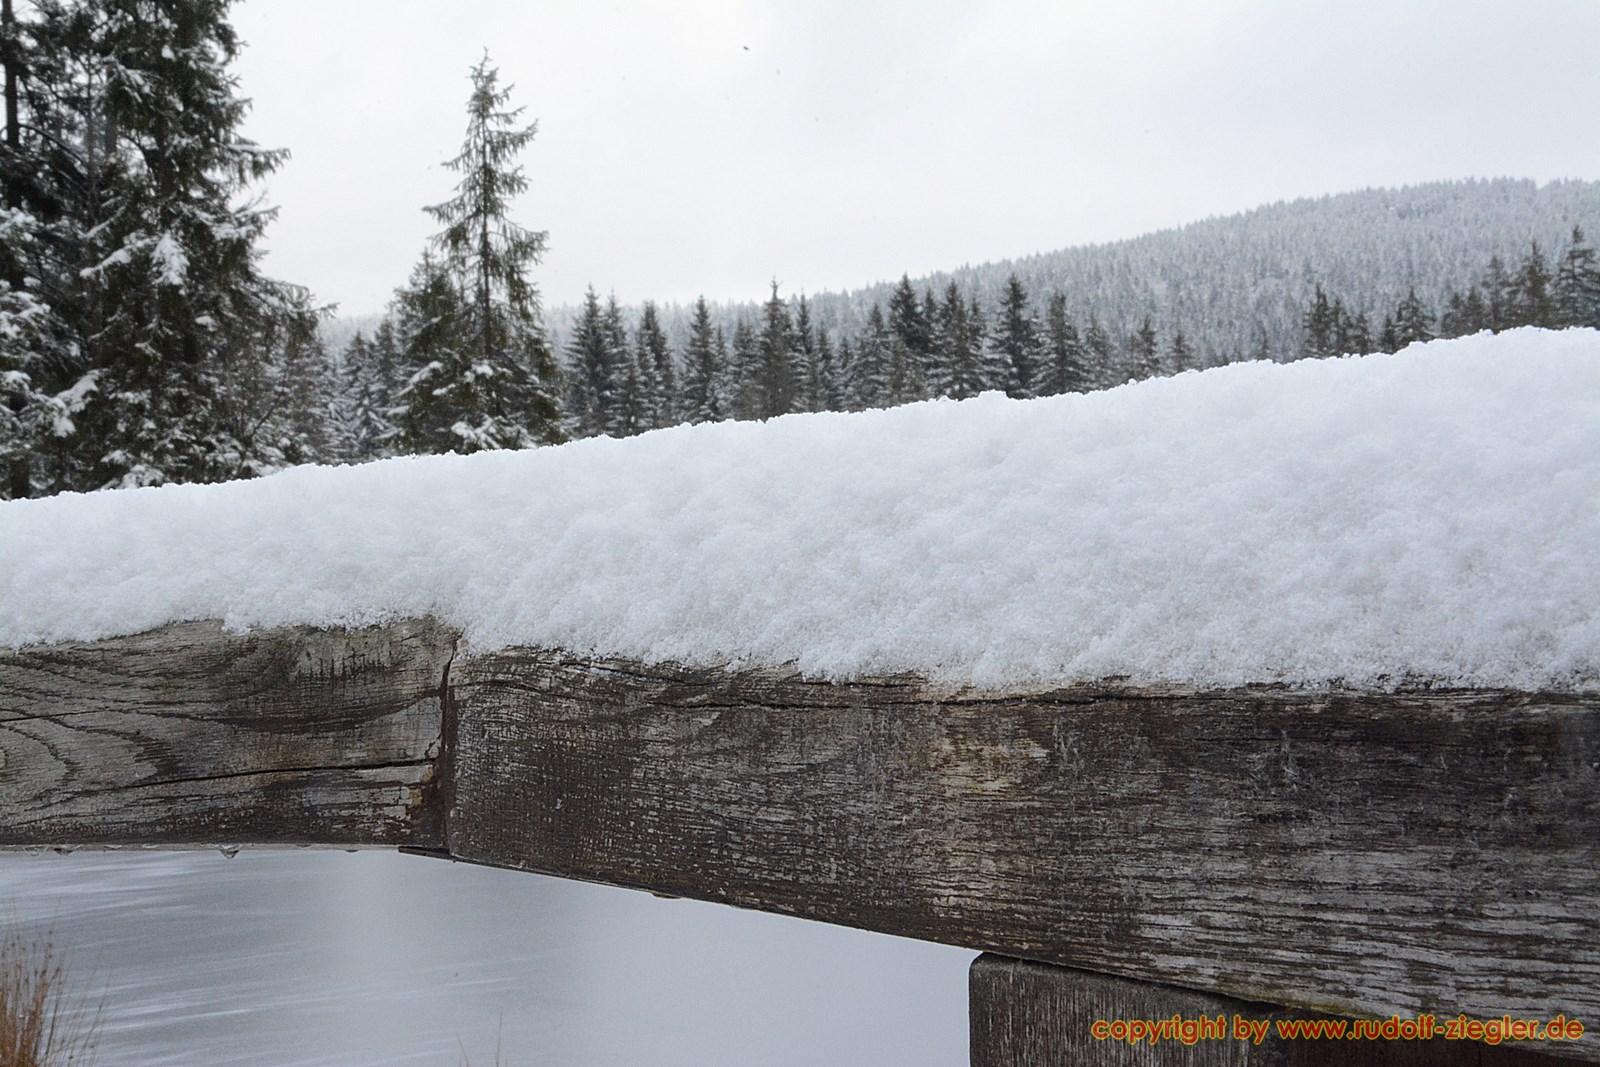 Winter im Fichtelgebirge 021-S (Kopie)